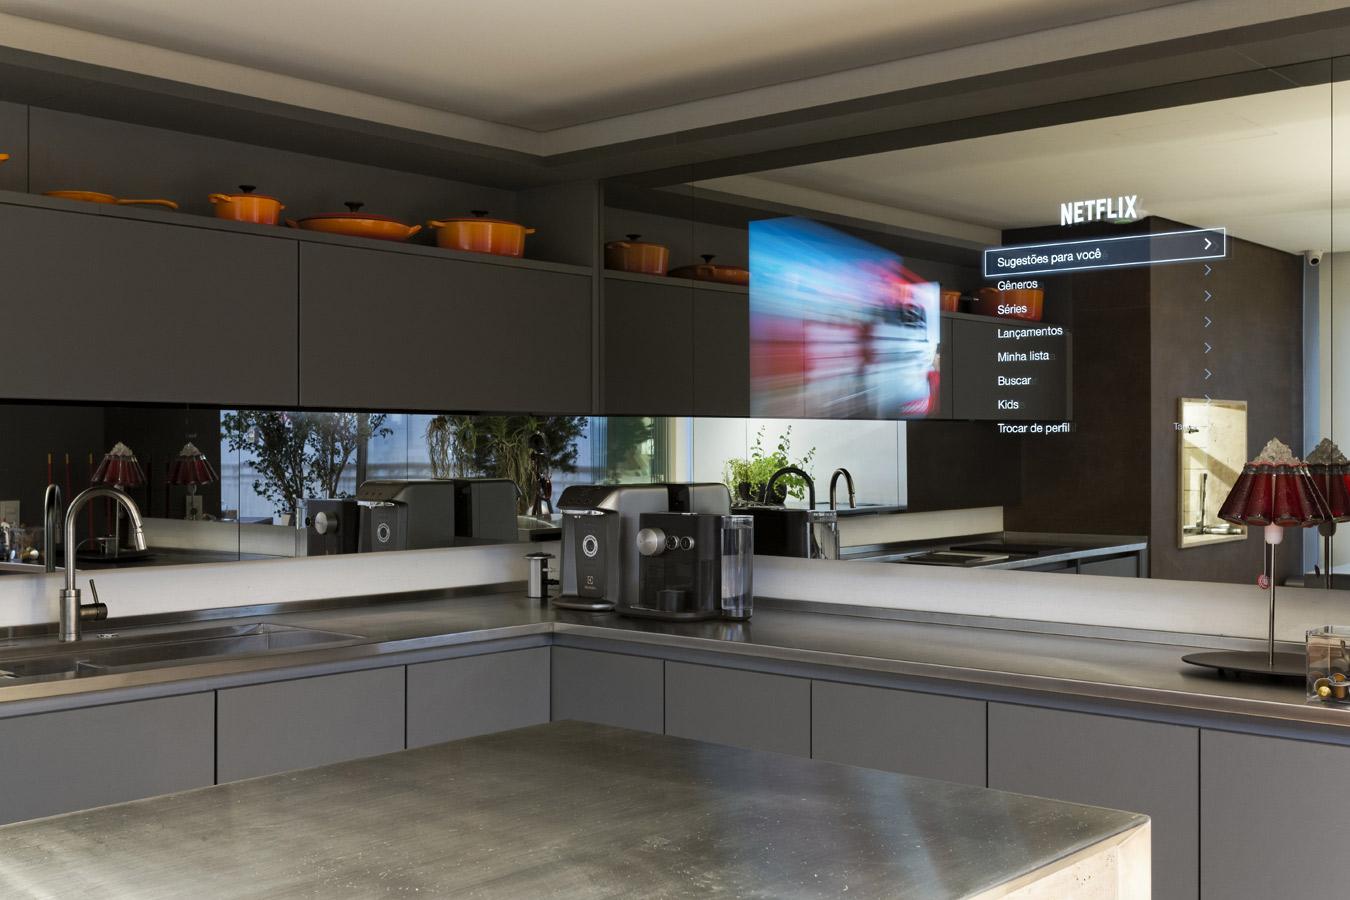 Cozinha gourmet com painel de espelho com TV embutida